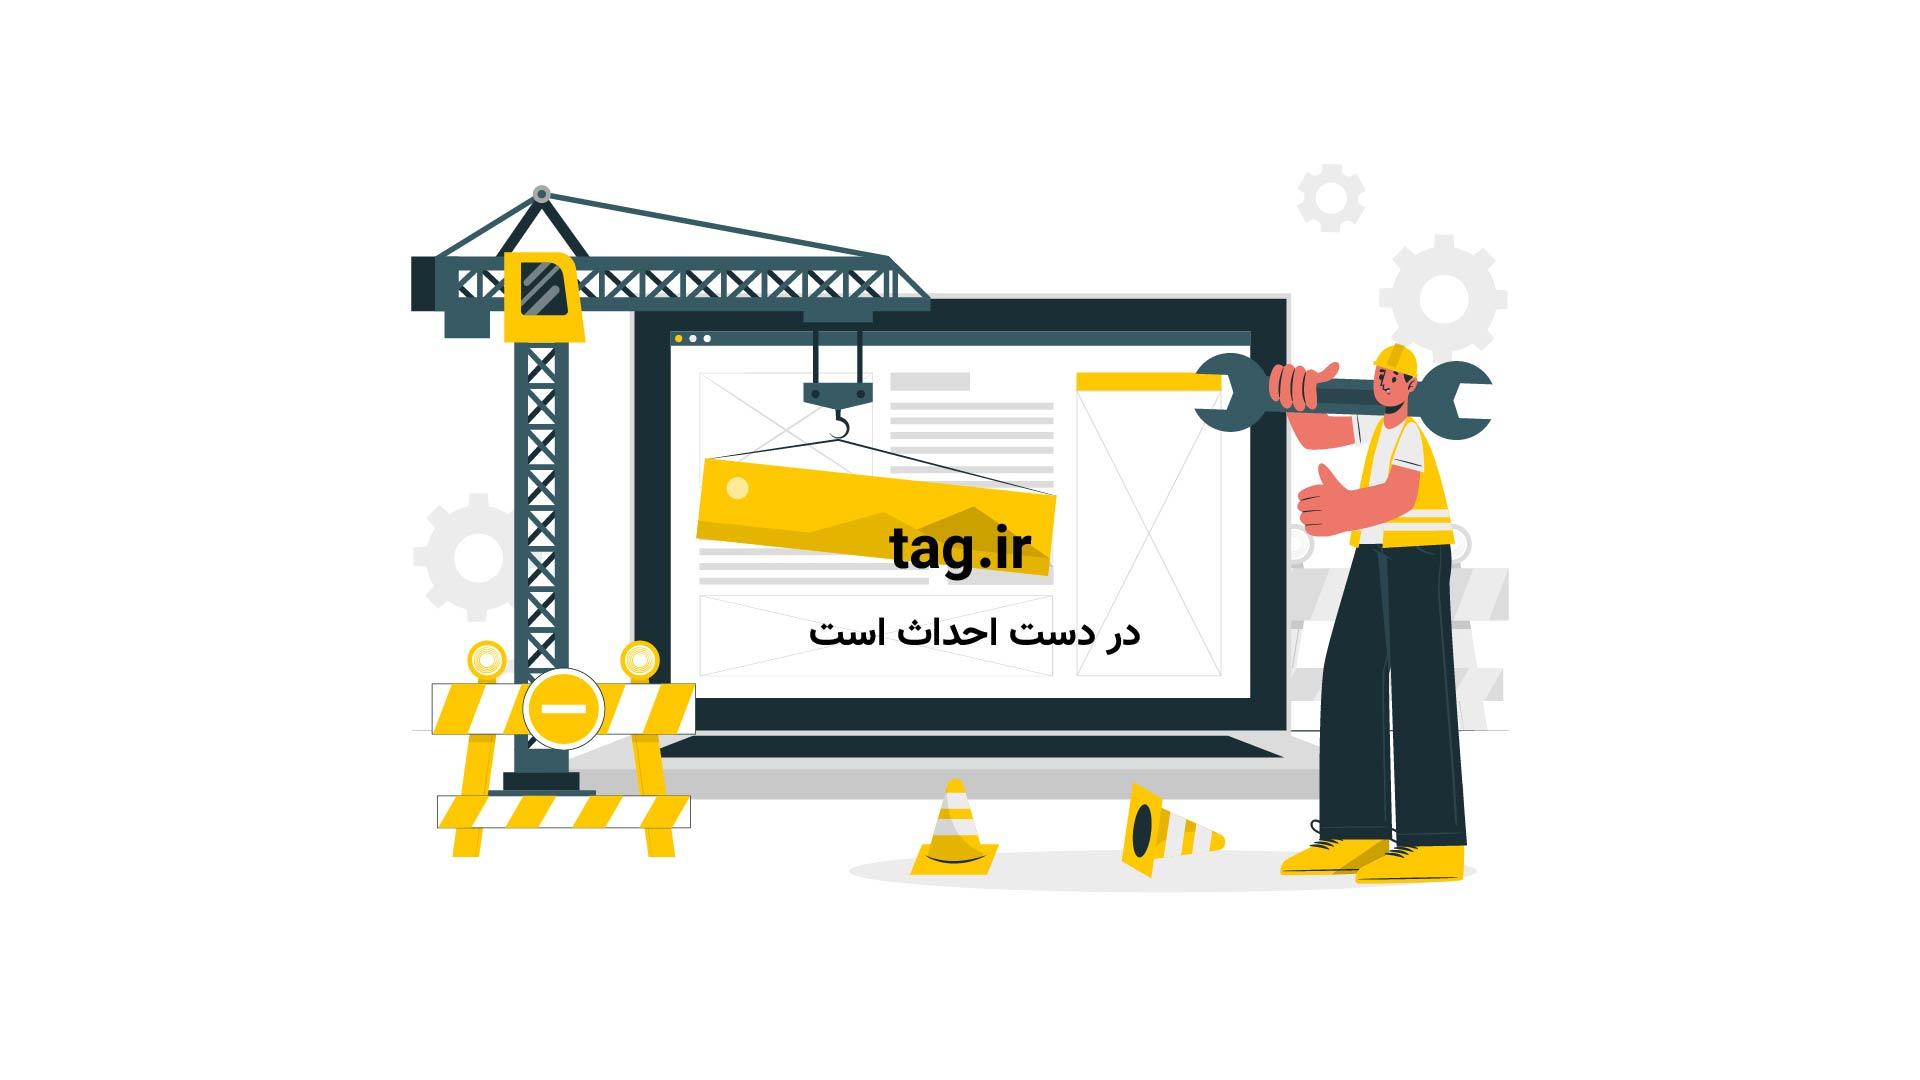 دکتر روحانی: هم هلال شیعی و هم مثلث سنی غلط است | فیلم